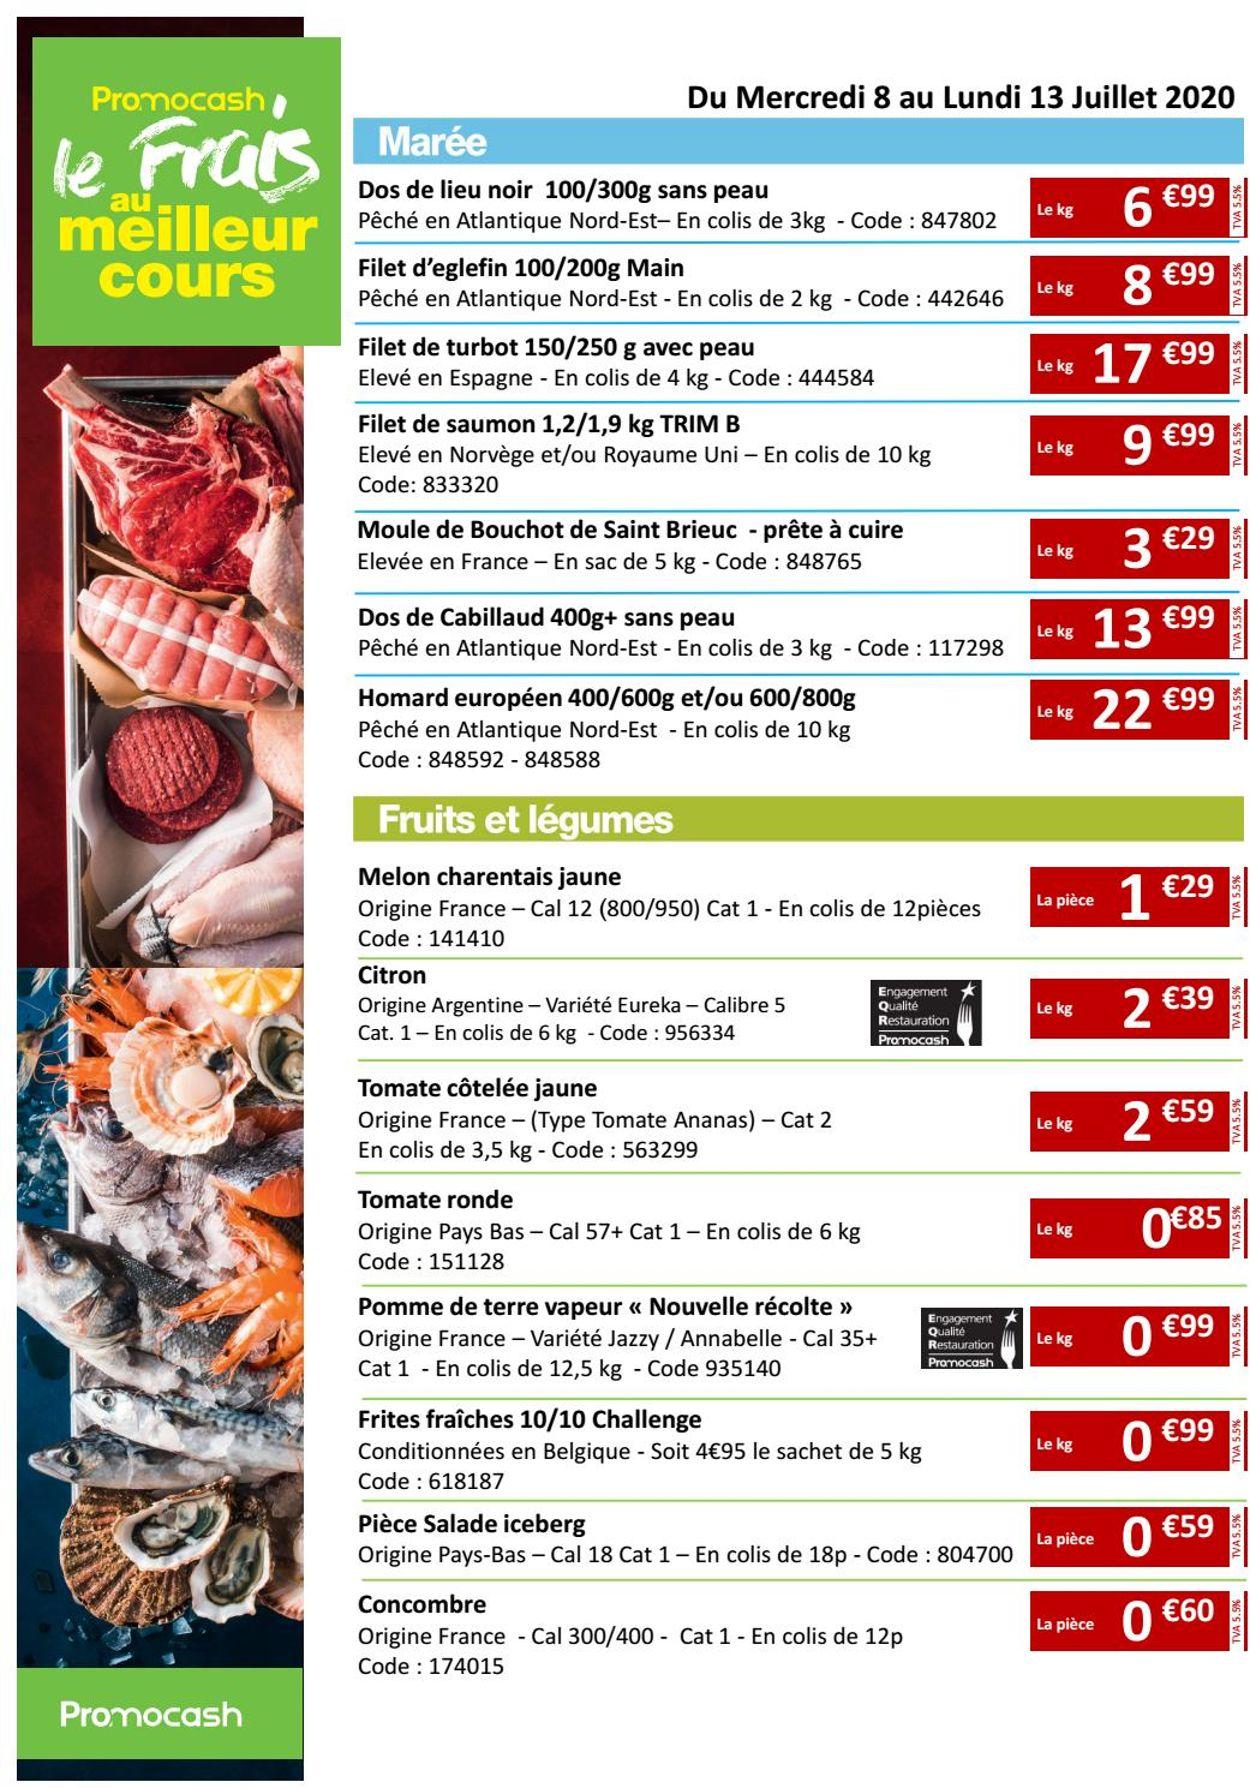 Promocash Catalogue - 08.07-13.07.2020 (Page 2)